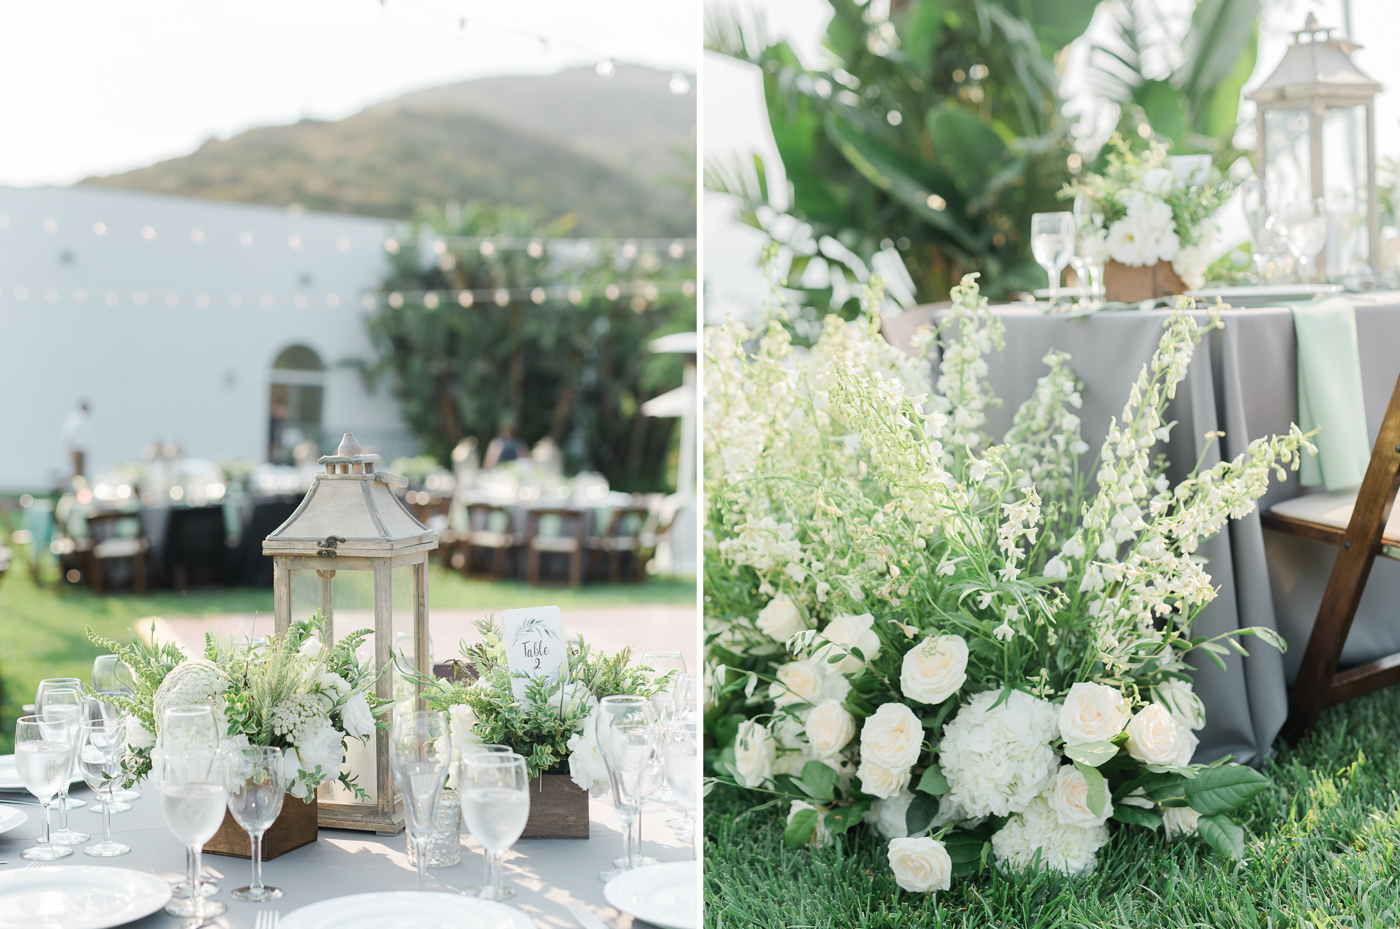 AKP_S&F_Malibu_Wedding_Fine_Art_Photography_Los_Angeles-32_reception.jpg